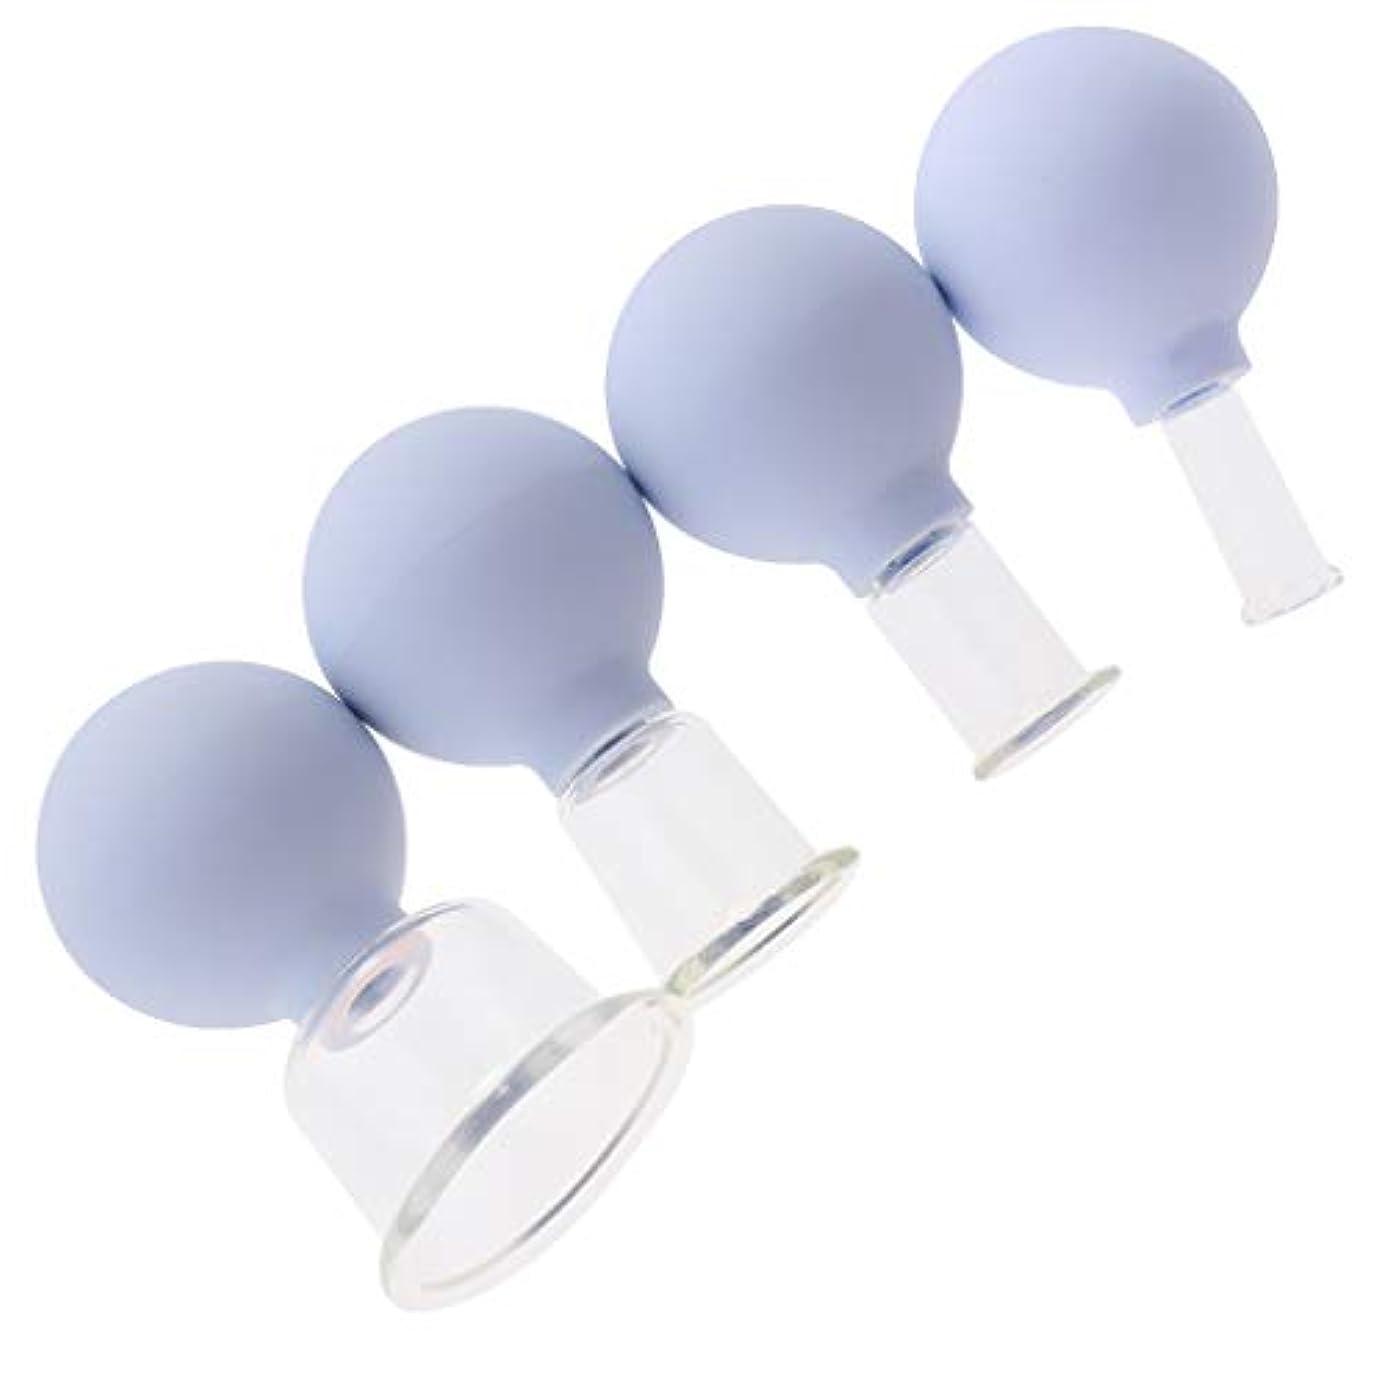 球体エクステント慣らすD DOLITY マッサージカップ 吸い玉 カッピングセット ガラスカッピング 真空 男女兼用 ギフト 4個 全3色 - 白